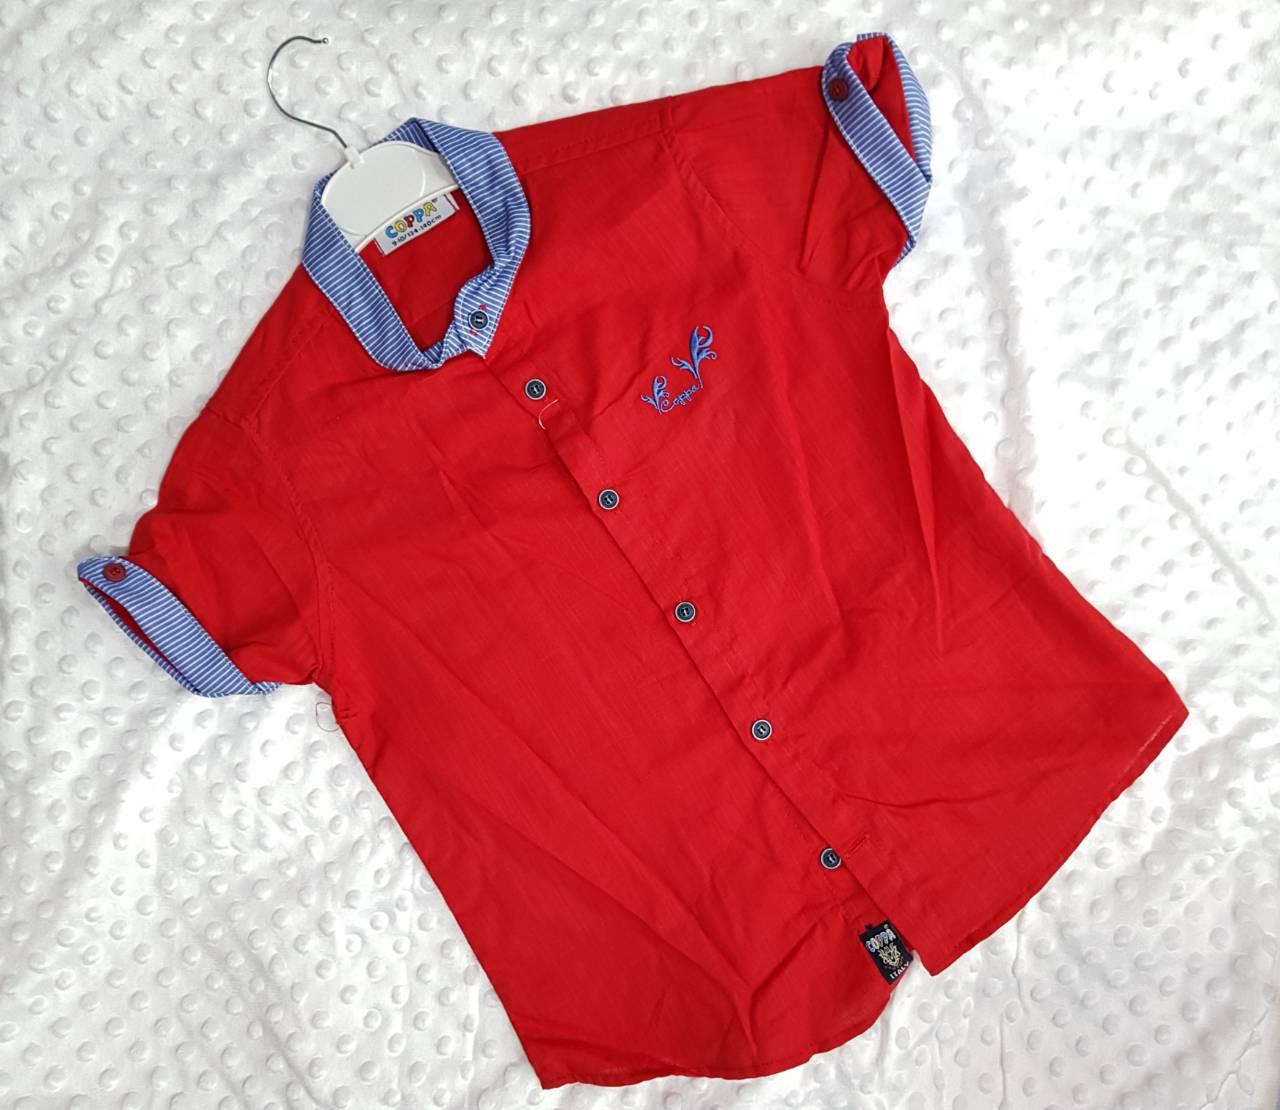 Рубашки детские на мальчика оптом 78062154 7-10